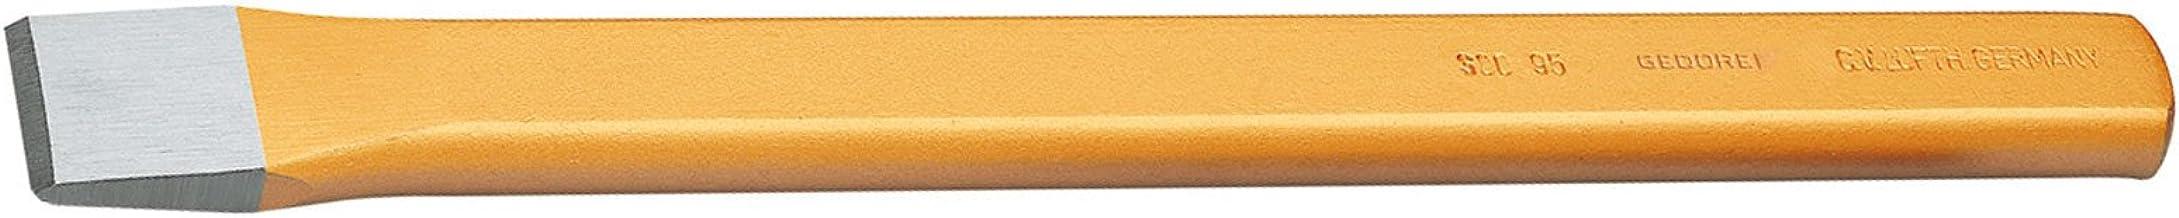 GEDORE 95–250 platt mejsel platt oval, 250 x 26 x 13 mm, 250 x 26 x 13 mm